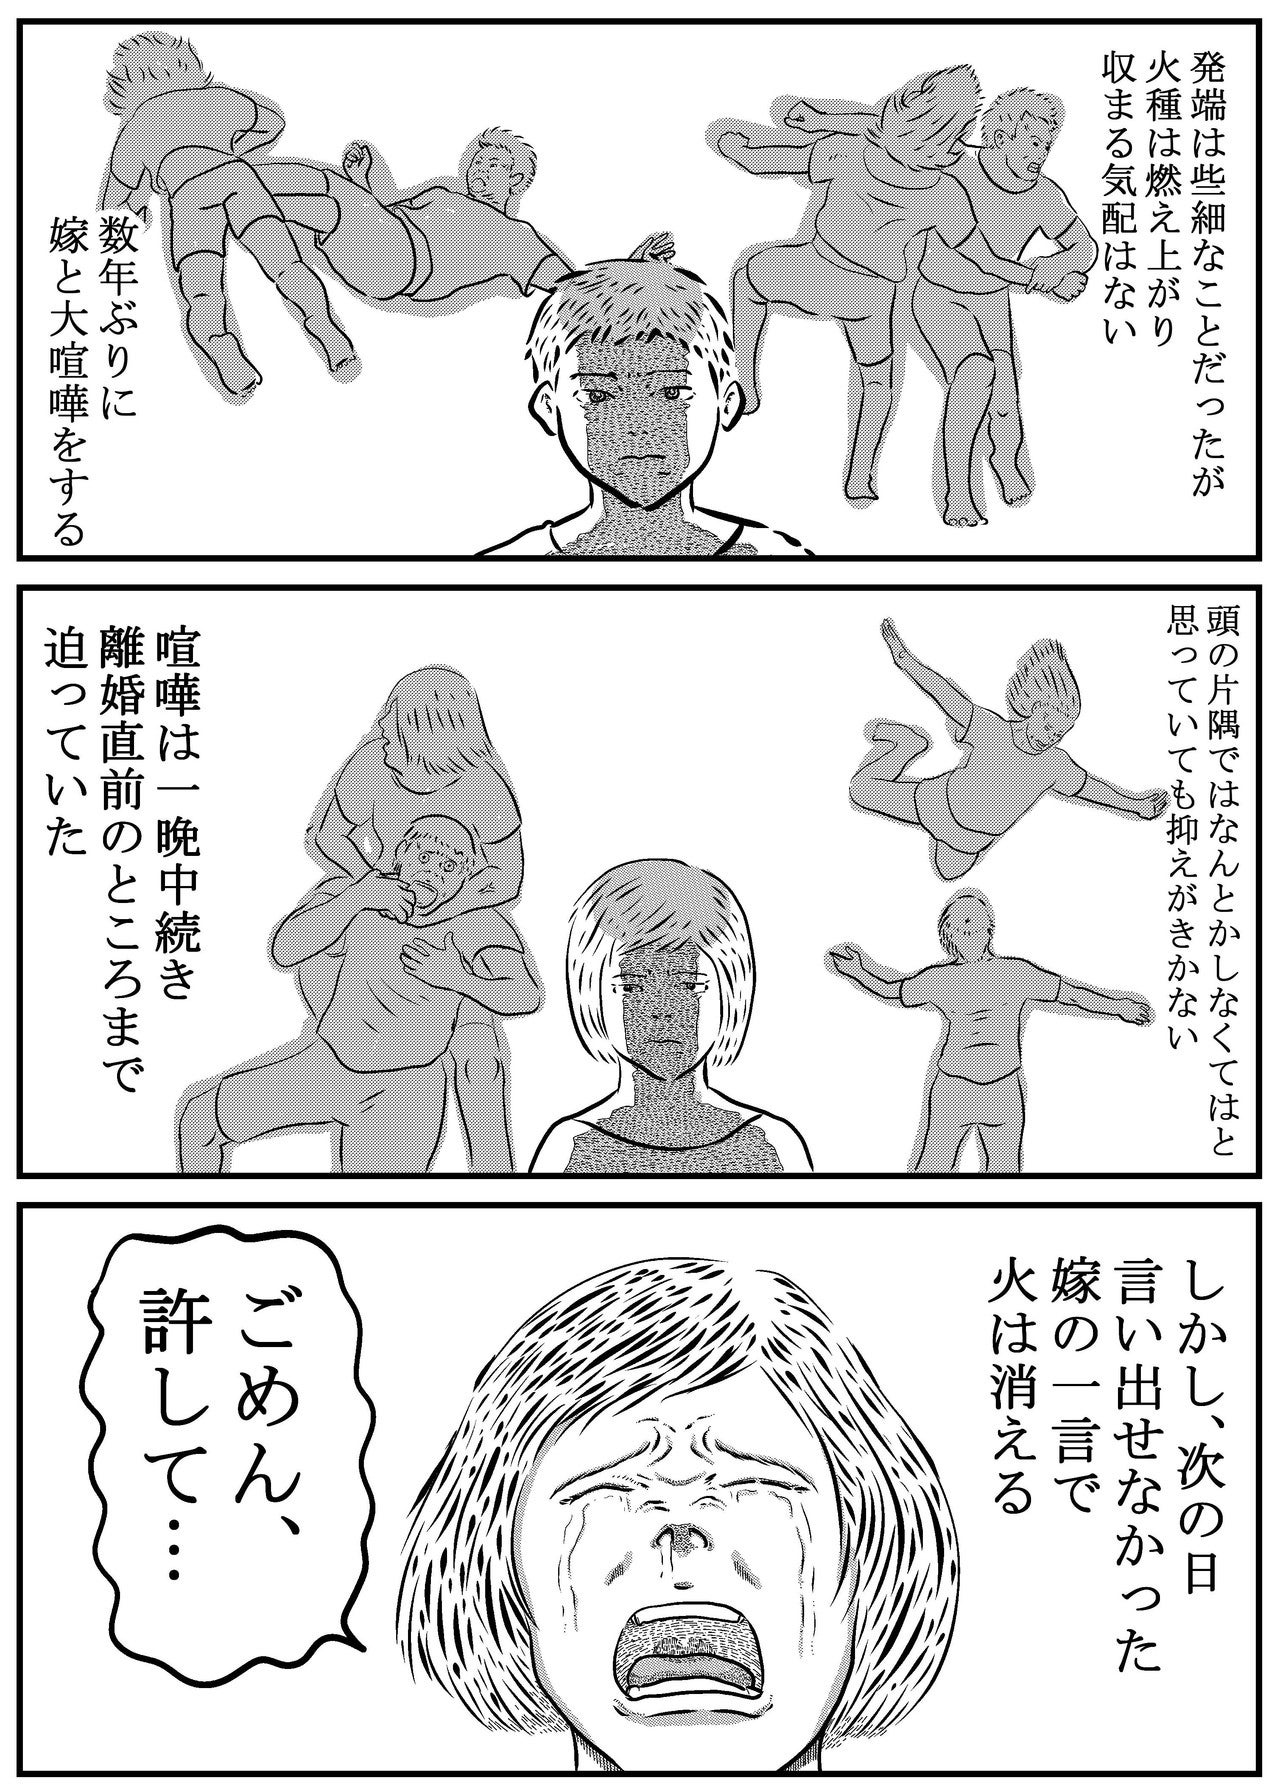 コミック3__2_